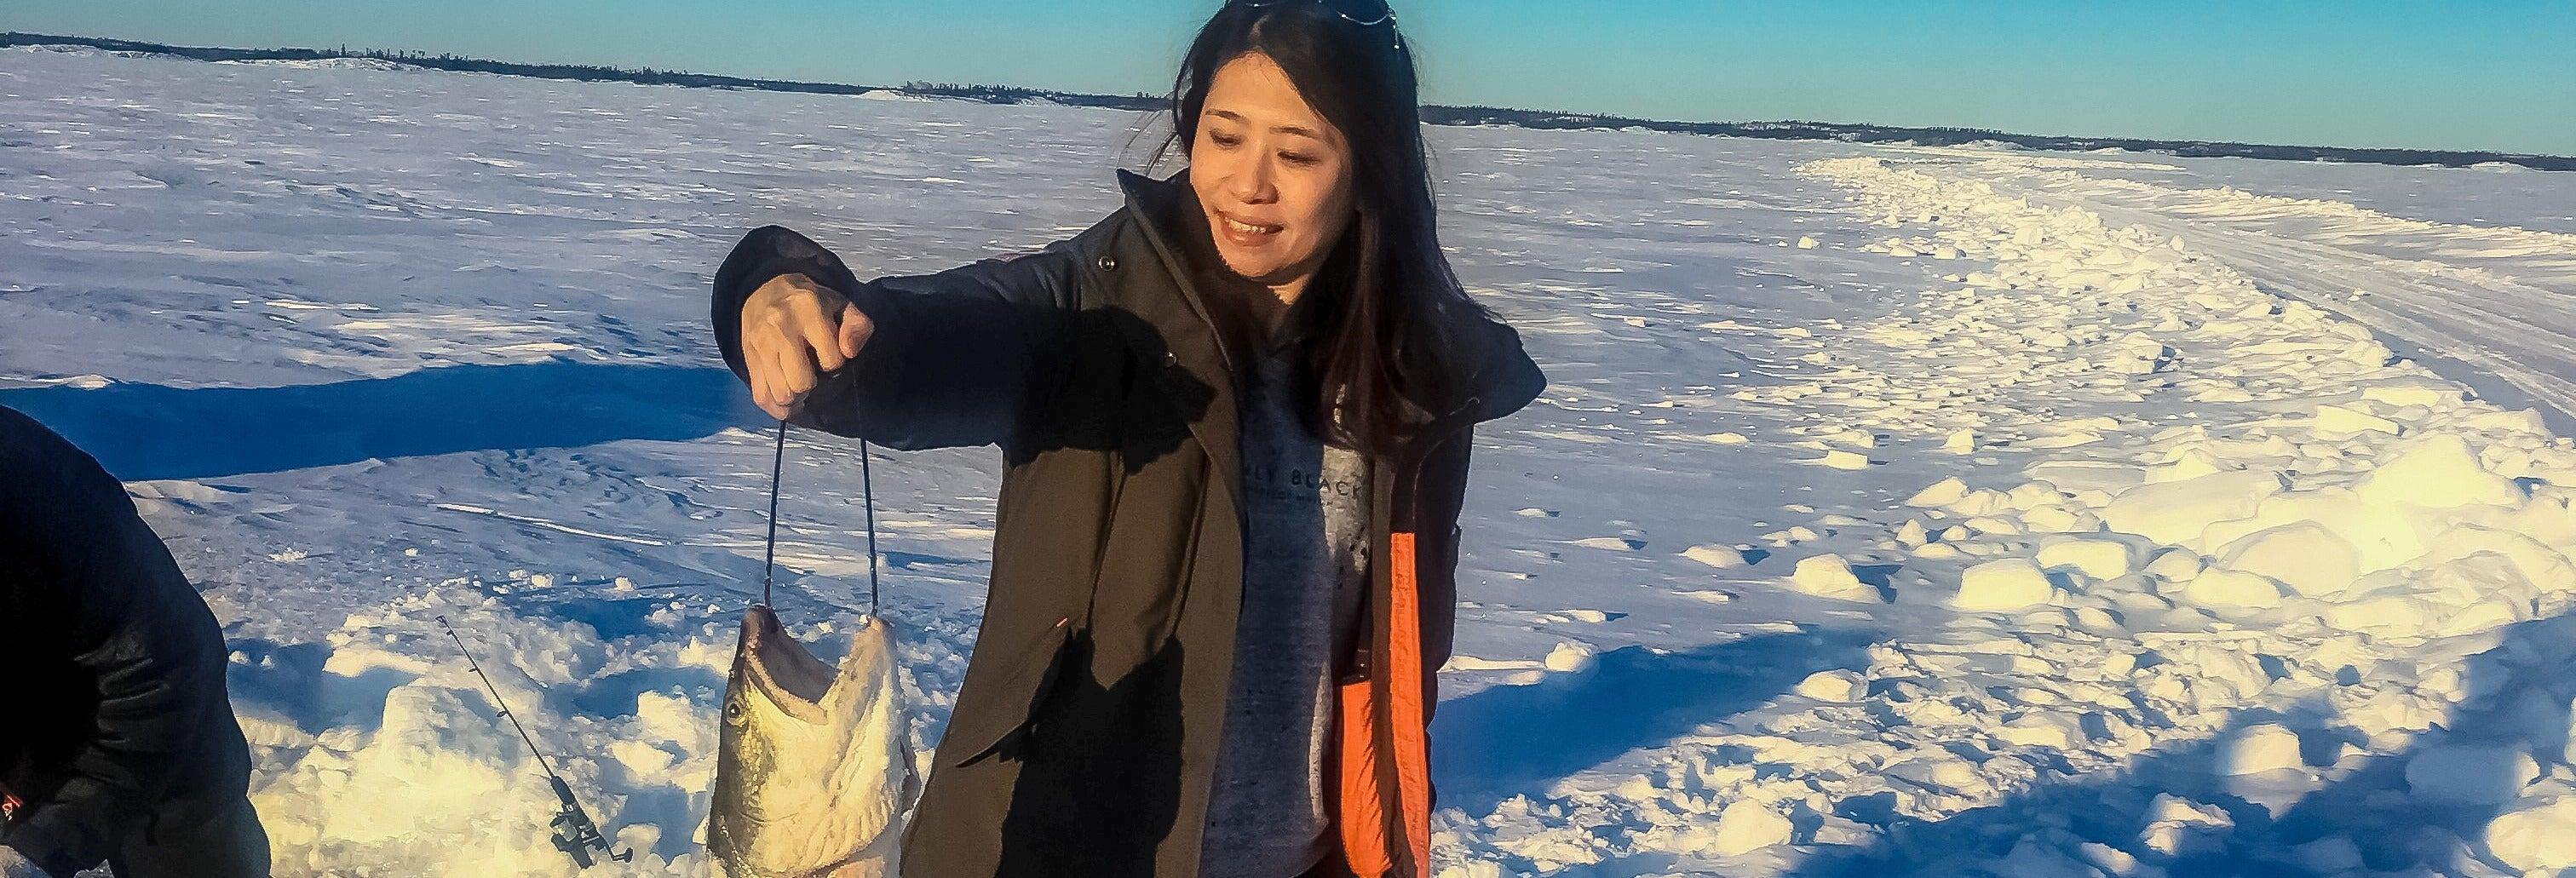 Pesca en el hielo en el Great Slave Lake